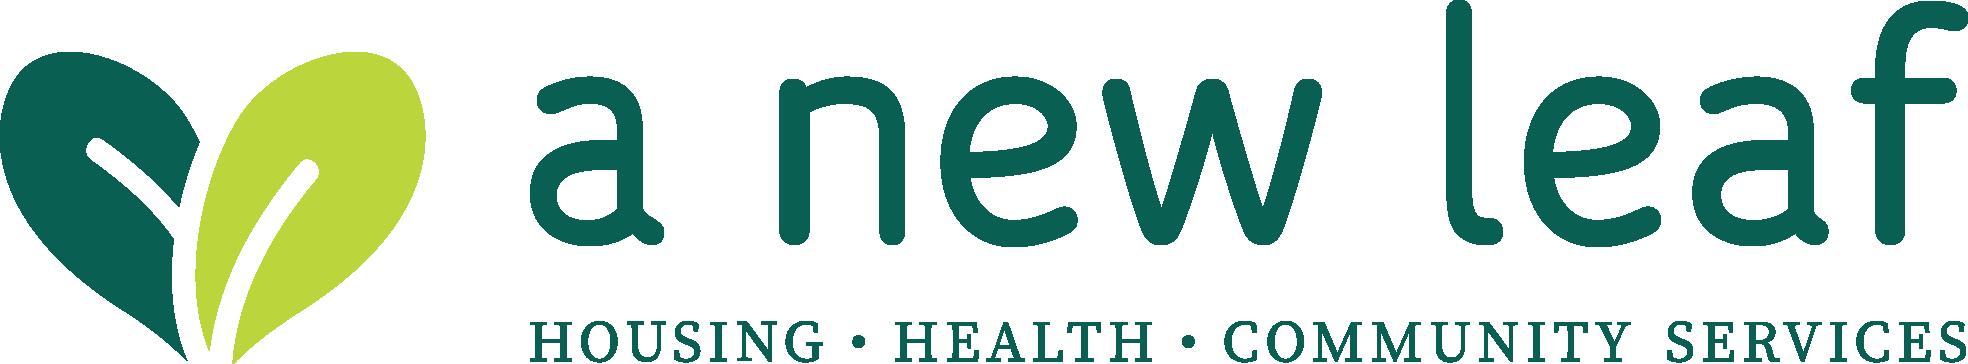 Logo Descripter Green